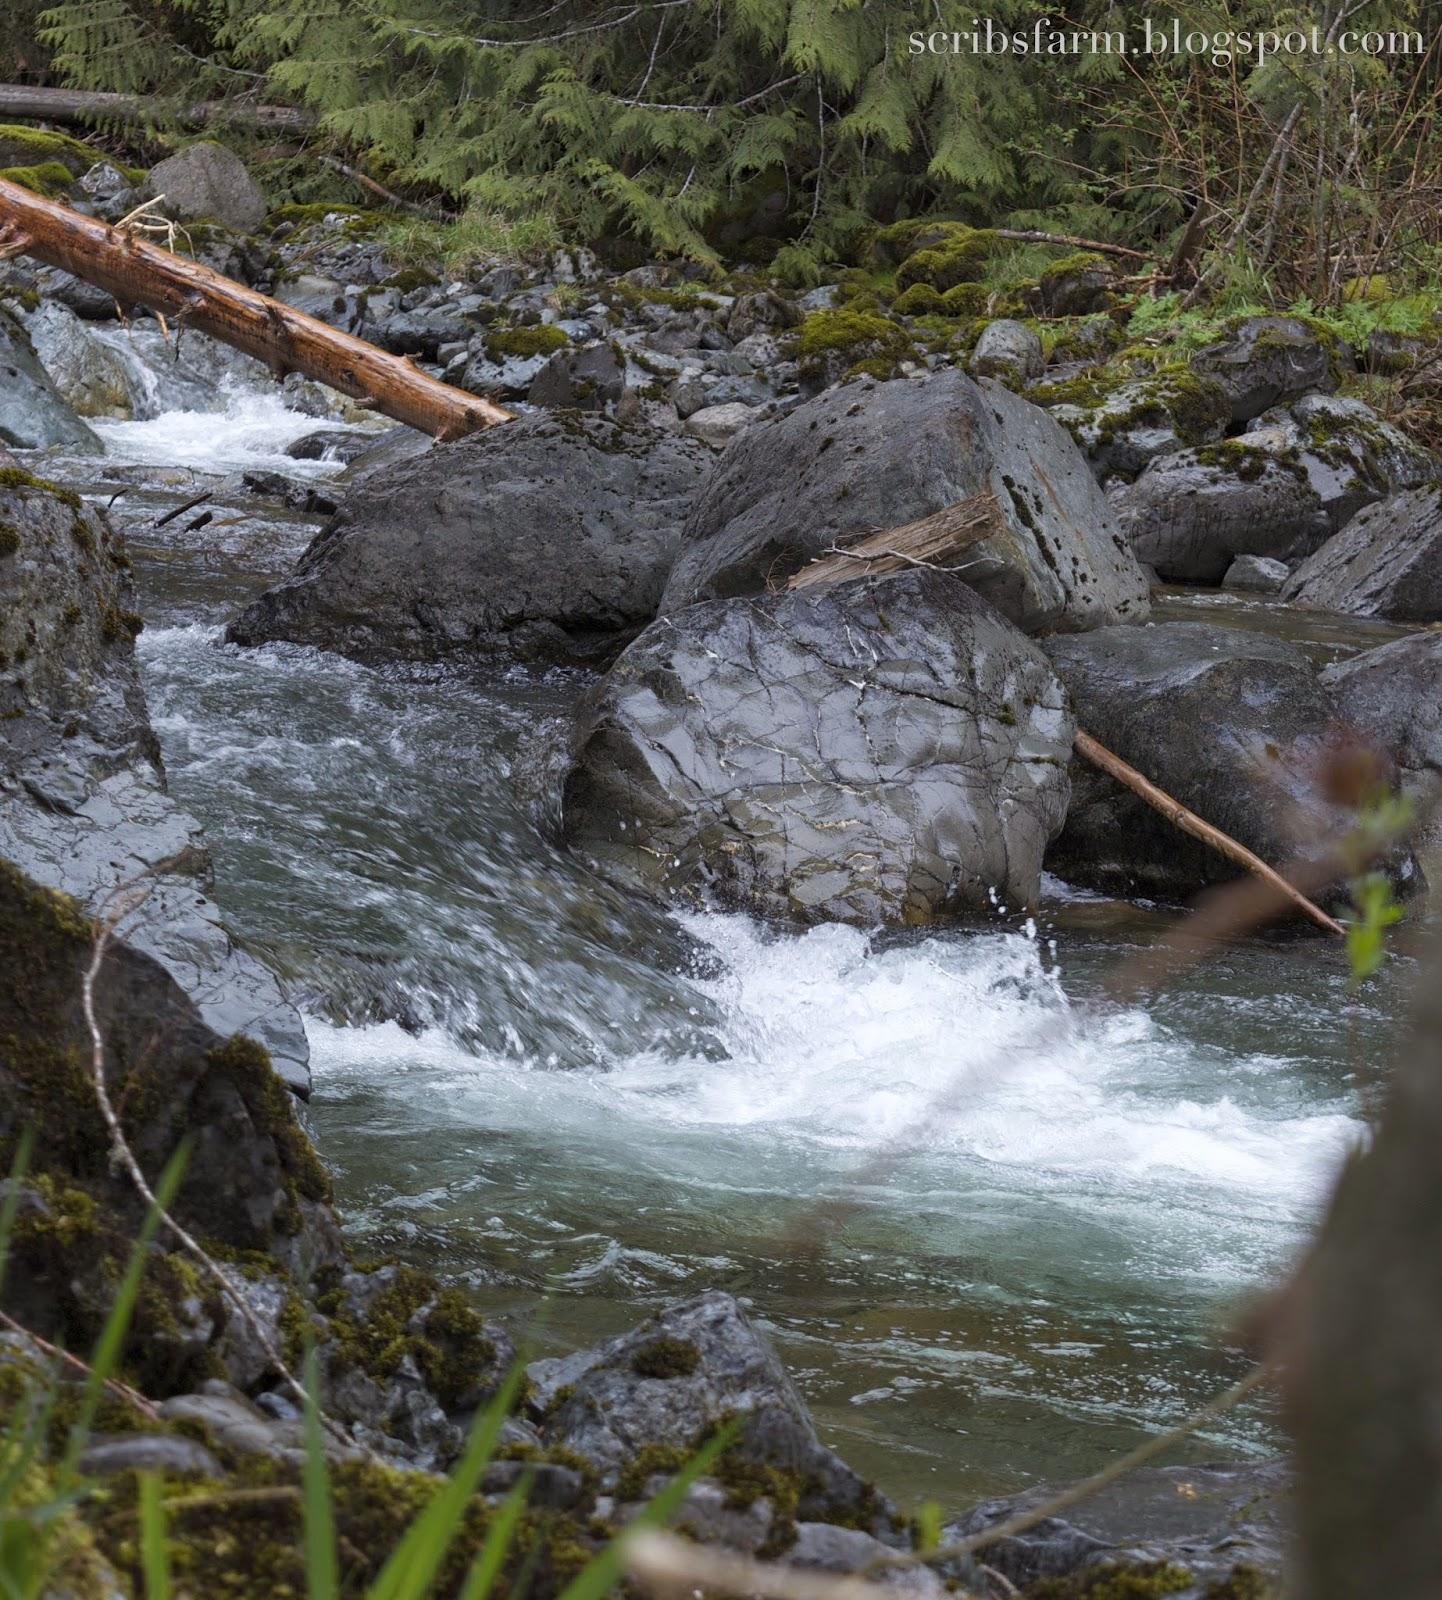 Cascade river rocks